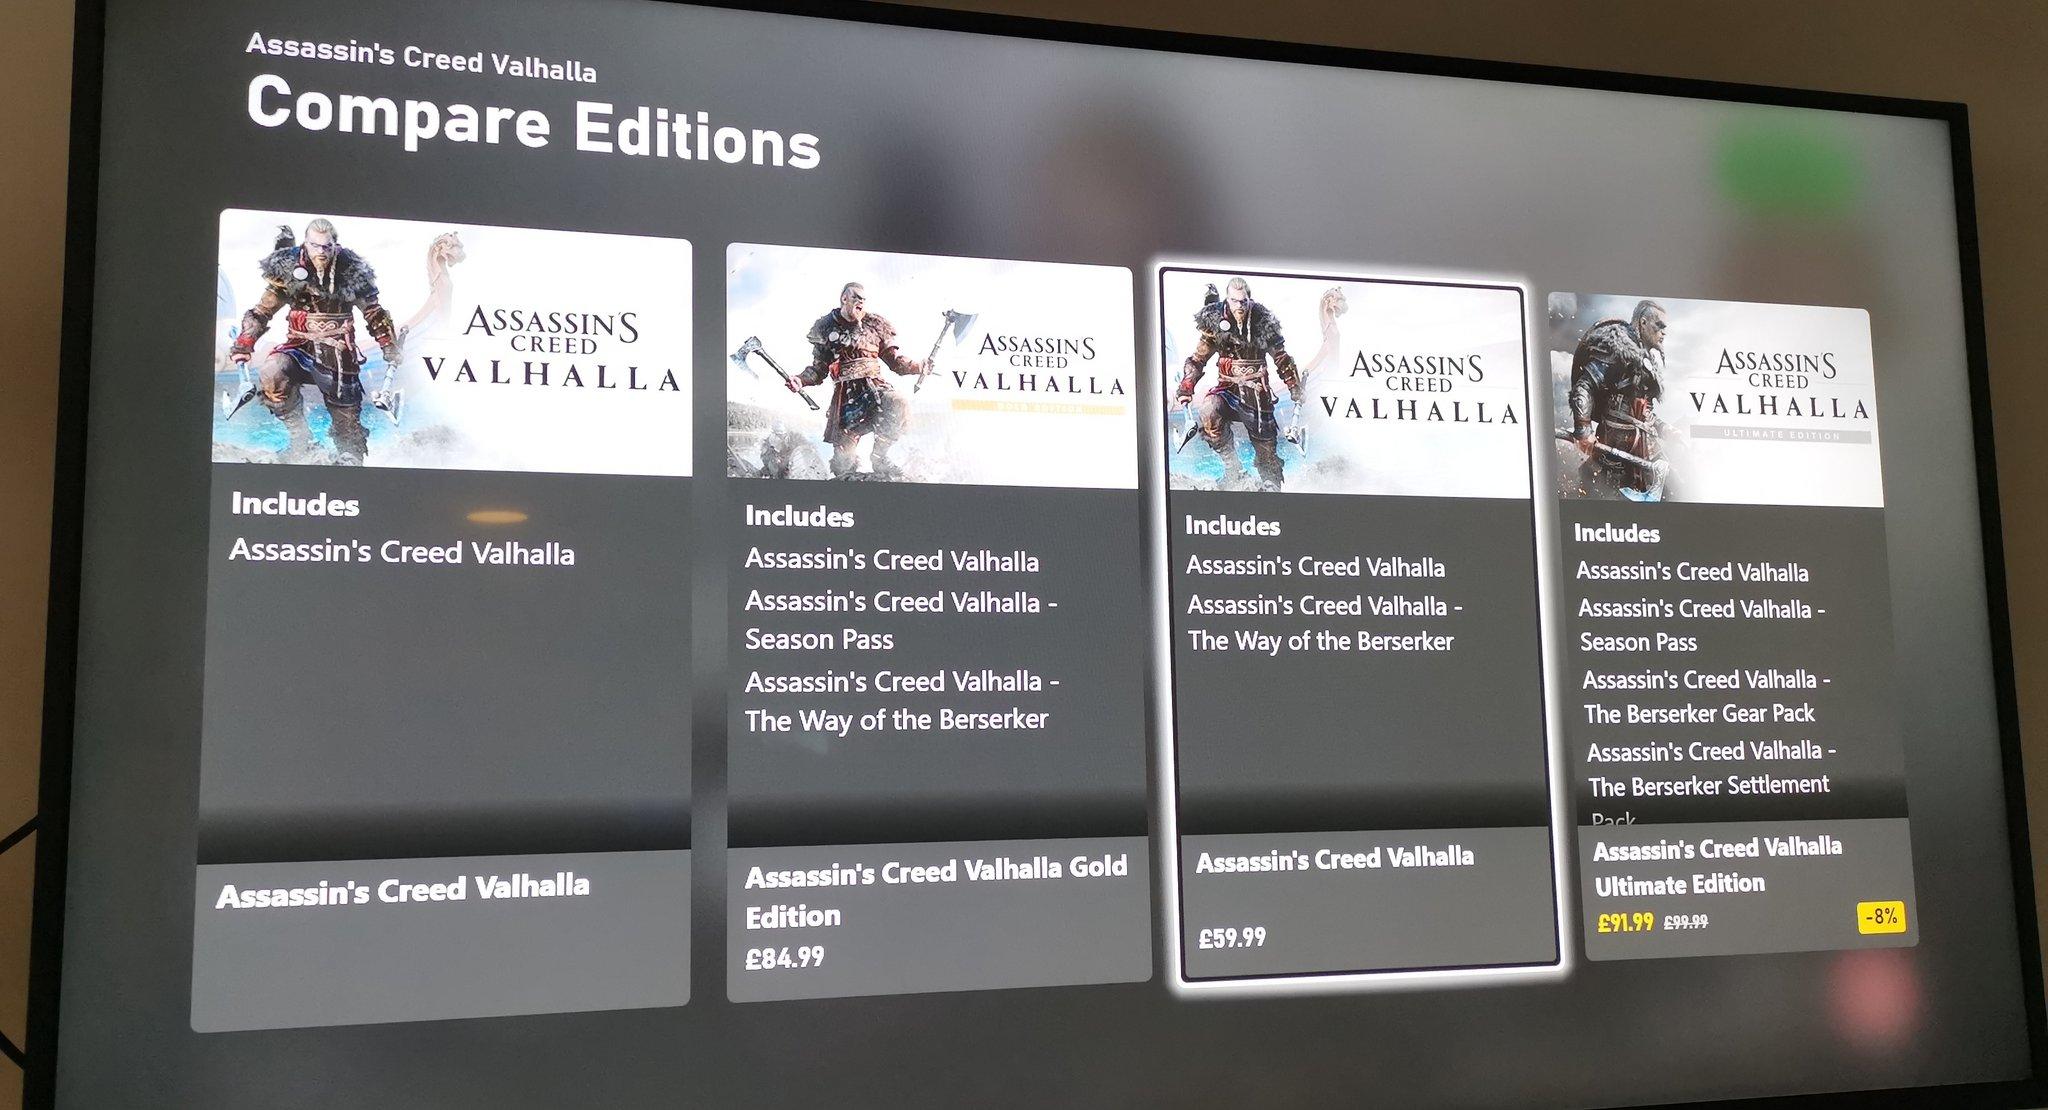 Xbox Series X/S新功能:不用买游戏也可以下载安装